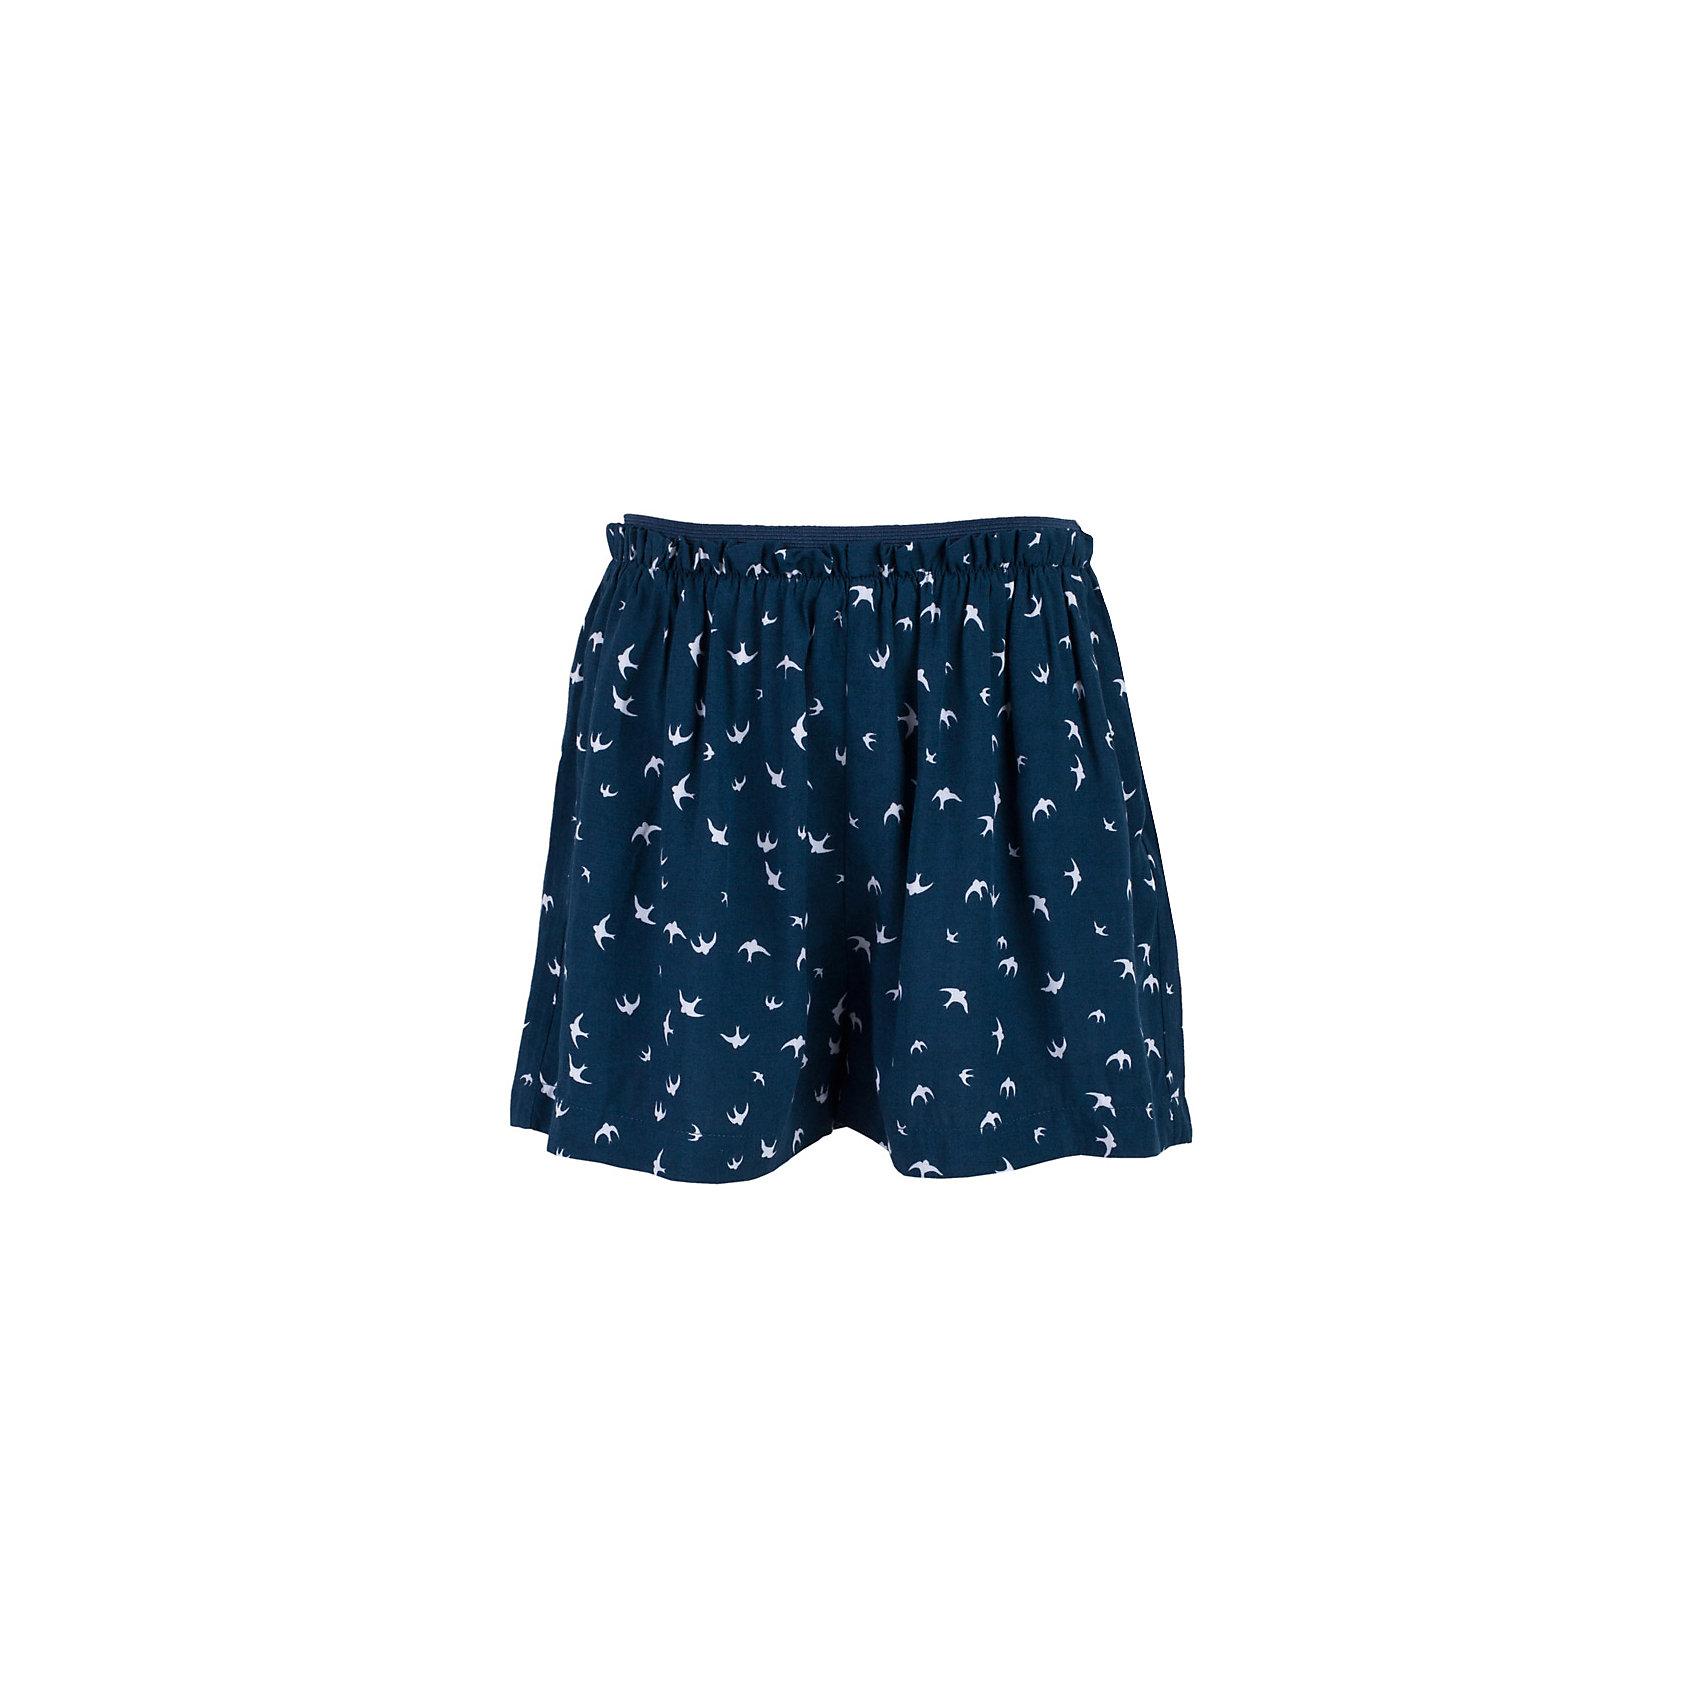 Шорты для девочки  BUTTON BLUEШорты, бриджи, капри<br>Шорты для девочки  BUTTON BLUE<br>Прекрасный летний вариант - юбка-шорты из тонкой мягкой вискозы с мелким рисунком. Оригинальность этой модели в удобстве, свойственном шортам и в привлекательности расклешенной юбки. Если вы хотите купить юбку для активной девочки, вам стоит купить юбку-шорты. Микс спорта и элегантности - прекрасный вариант для уверенности и комфорта юной леди.<br>Состав:<br>100%  вискоза<br><br>Ширина мм: 191<br>Глубина мм: 10<br>Высота мм: 175<br>Вес г: 273<br>Цвет: синий<br>Возраст от месяцев: 144<br>Возраст до месяцев: 156<br>Пол: Женский<br>Возраст: Детский<br>Размер: 158,98,104,110,116,122,128,134,140,146,152<br>SKU: 5523712